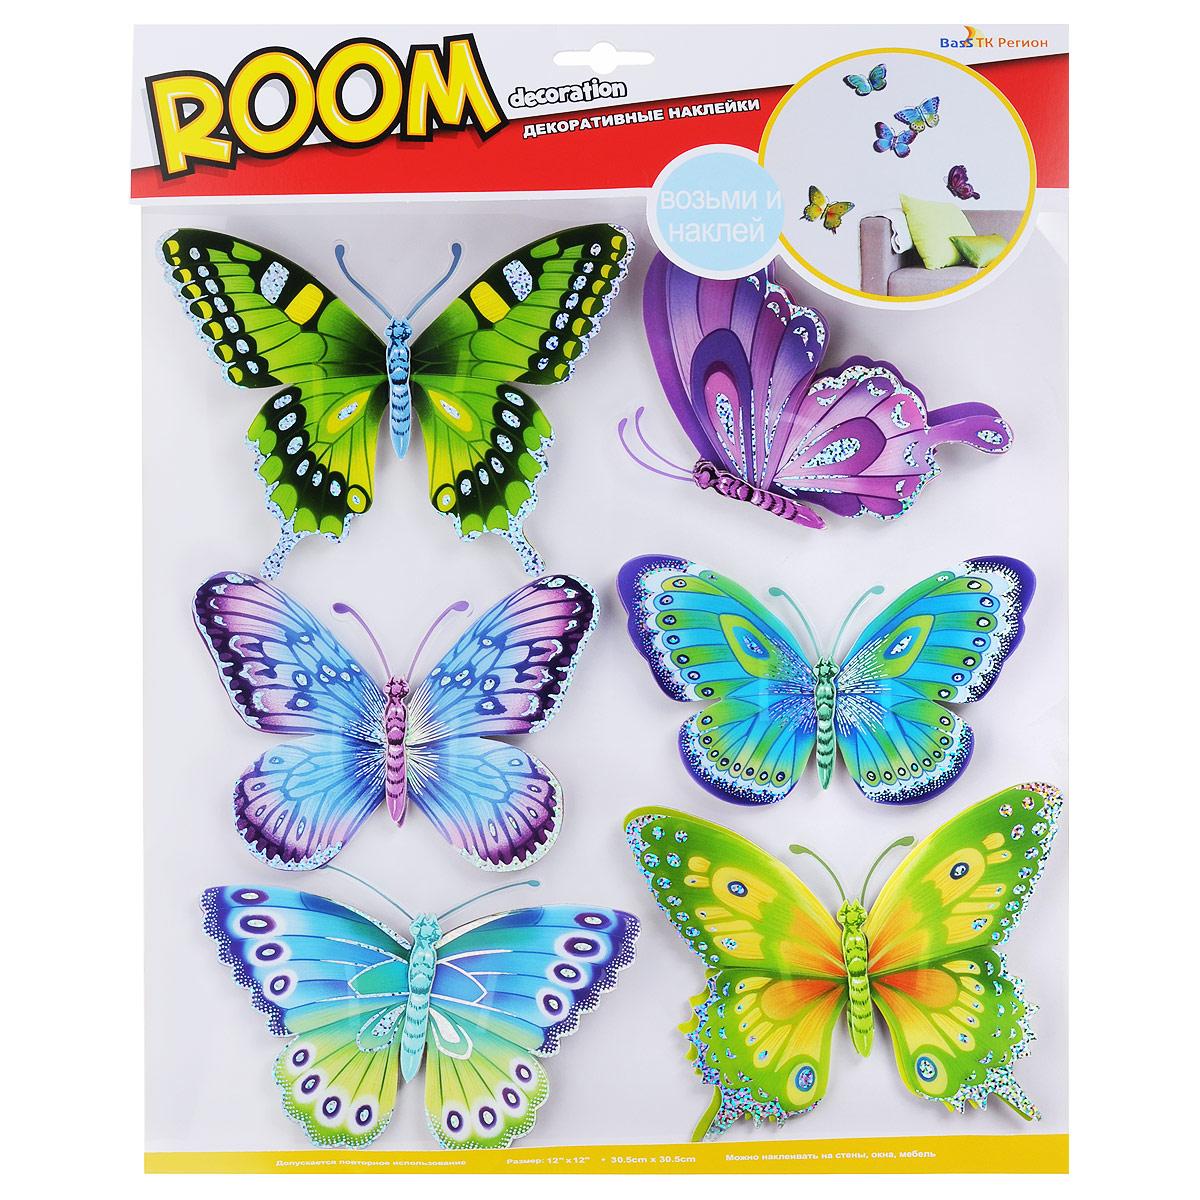 Наклейки для интерьера Room Decoration Блестящие бабочки, 30,5 х 30,5 смCBA3119Наклейки для стен и предметов интерьера Room Decoration Блестящие бабочки,изготовленные из экологически безопасной самоклеящейся виниловой пленки -это удивительно простой и быстрый способ оживить интерьер помещения.На одном листе расположены 6 наклеек в виде бабочек с серебристымипереливающимися вставками. Интерьерные наклейки дадут вам вдохновение, которое изменит вашу жизнь ипоможет погрузиться в мир ярких красок, фантазий и творчества. Для васоткрываются безграничные возможности придумать оригинальный дизайн ипридать новый вид стенам и мебели. Наклейки абсолютно безопасны дляздоровья. Они быстро и легко наклеиваются на любые ровные поверхности:стены, окна, двери, кафельную плитку, виниловые и флизелиновые обои, стекла,мебель. При необходимости удобно снимаются, не оставляют следов и неповреждают поверхность (кроме бумажных обоев). Наклейки Room DecorationБлестящие бабочки помогут вам изменить интерьер вокруг себя: в детскойкомнате игостиной, на кухне и в прихожей, витрину кафе и магазина, детский садик иофис.